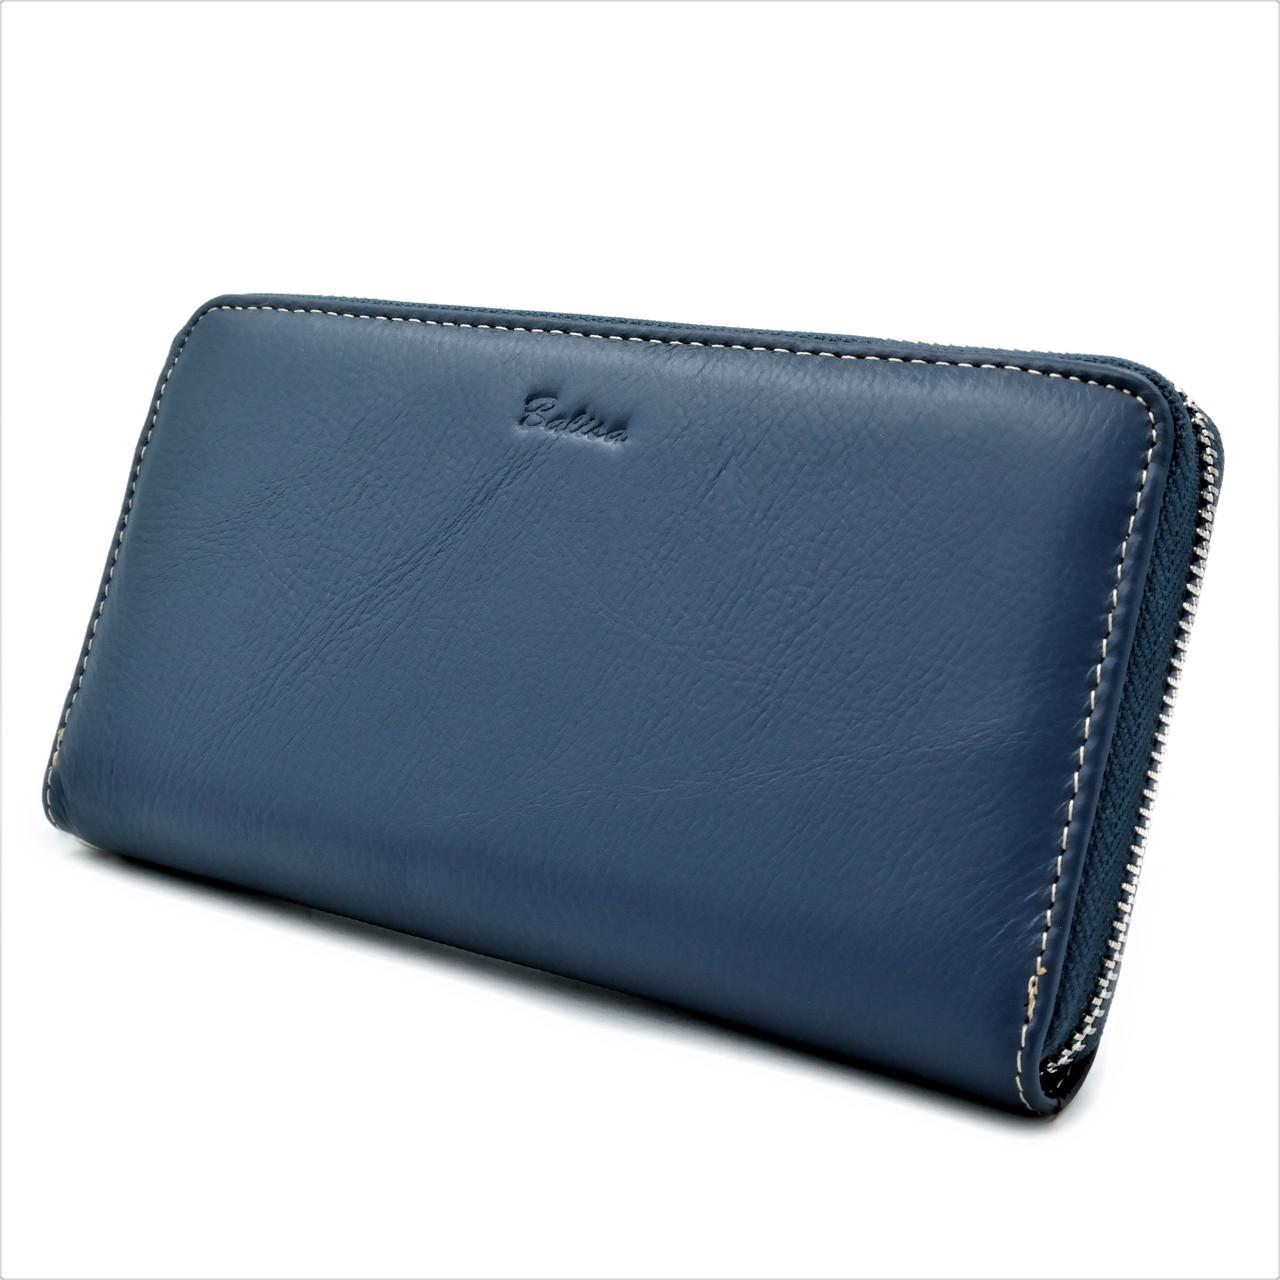 Жіночий шкіряний гаманець Синій + Чорний Зручний гаманець для дівчини Жіночий гаманець портмоне зі шкіри